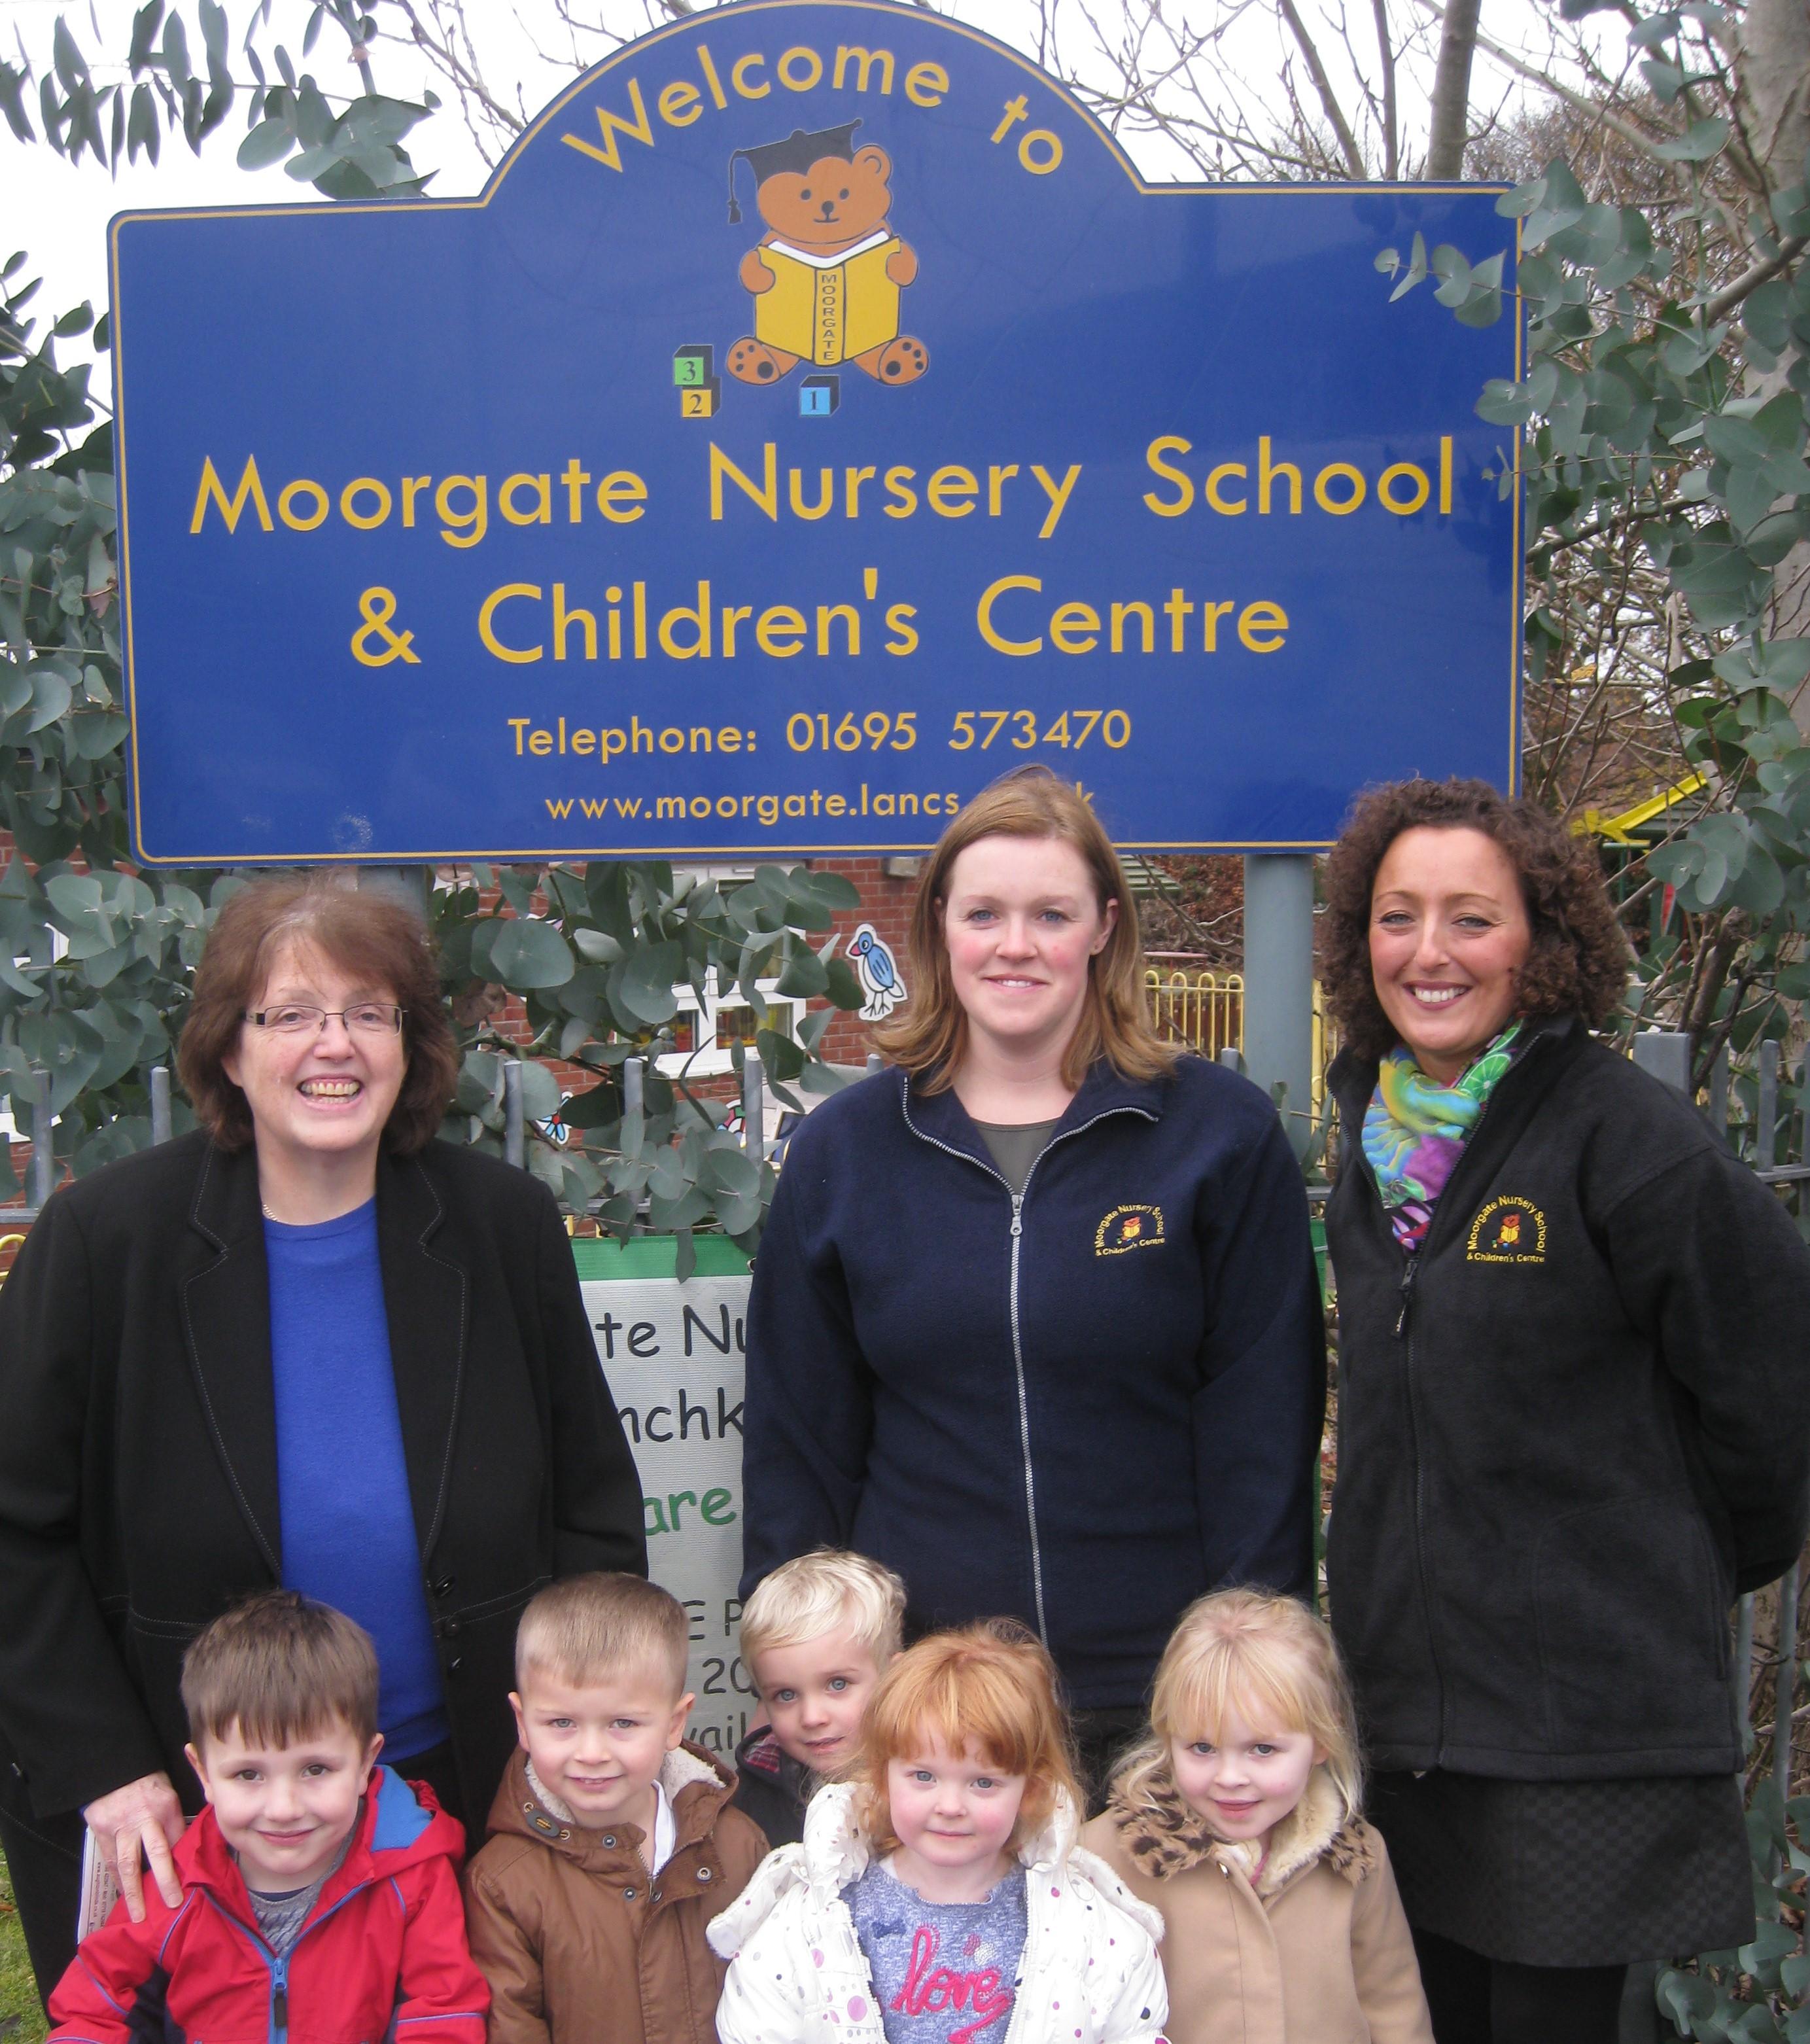 Moorgate_Nursery.JPG